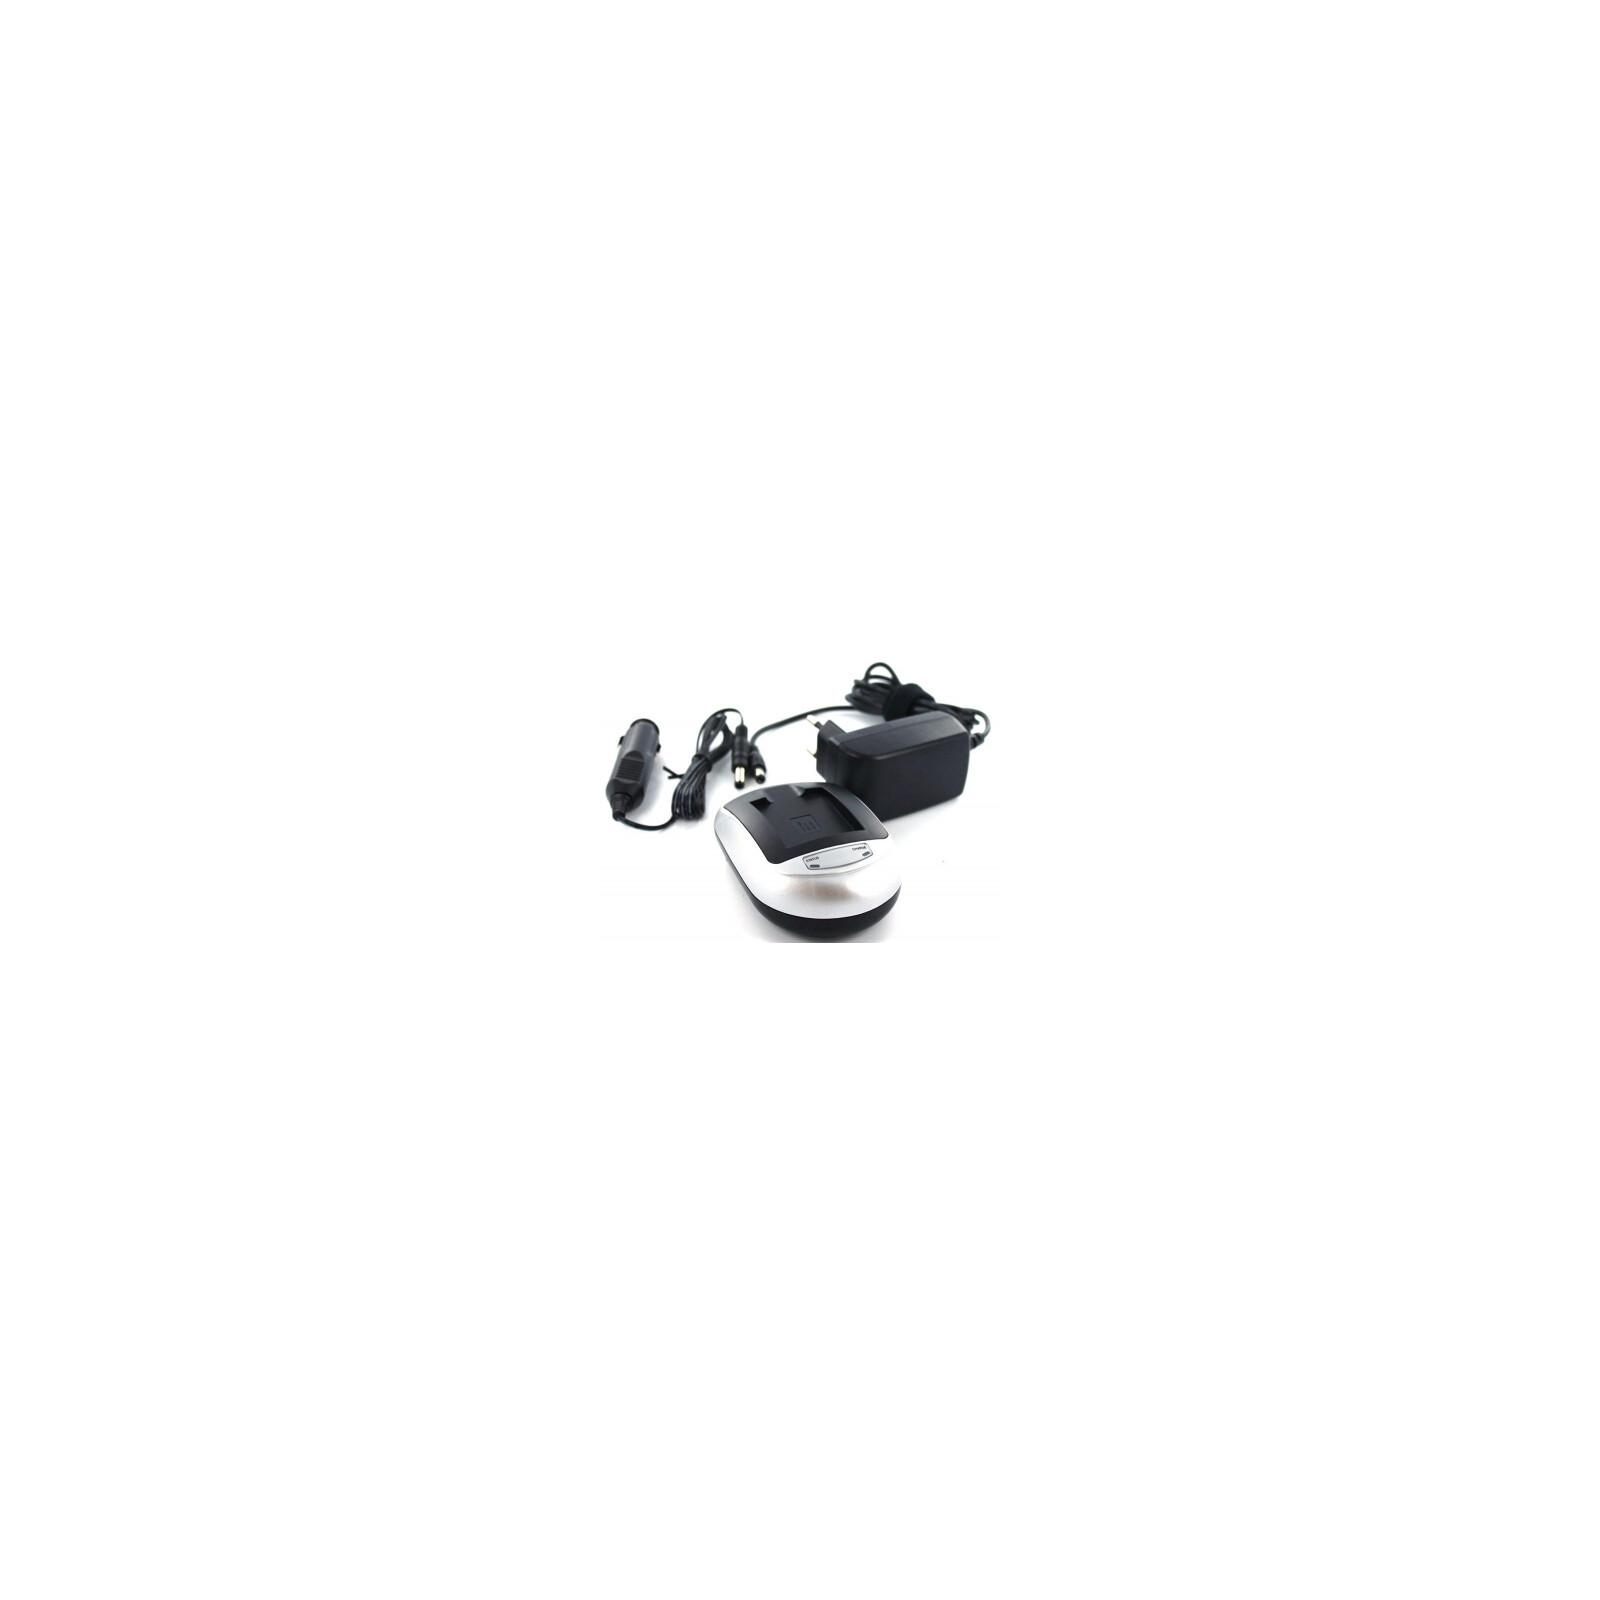 AGI 84043 Ladegerät Sony DSC-T90